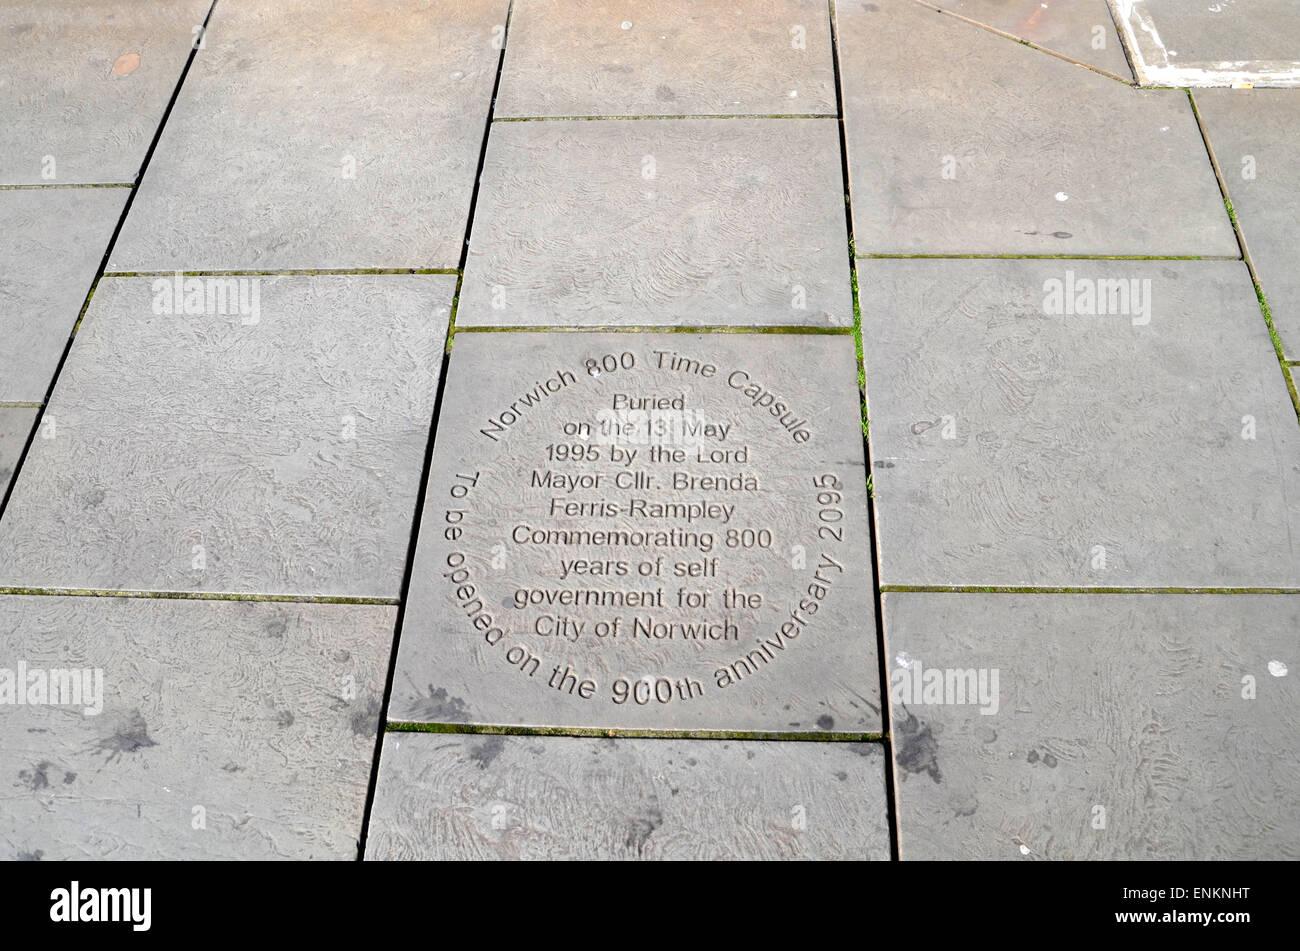 Gedenktafel für 800 Jahre der Selbstverwaltung, Norwich April 2015 Stockbild